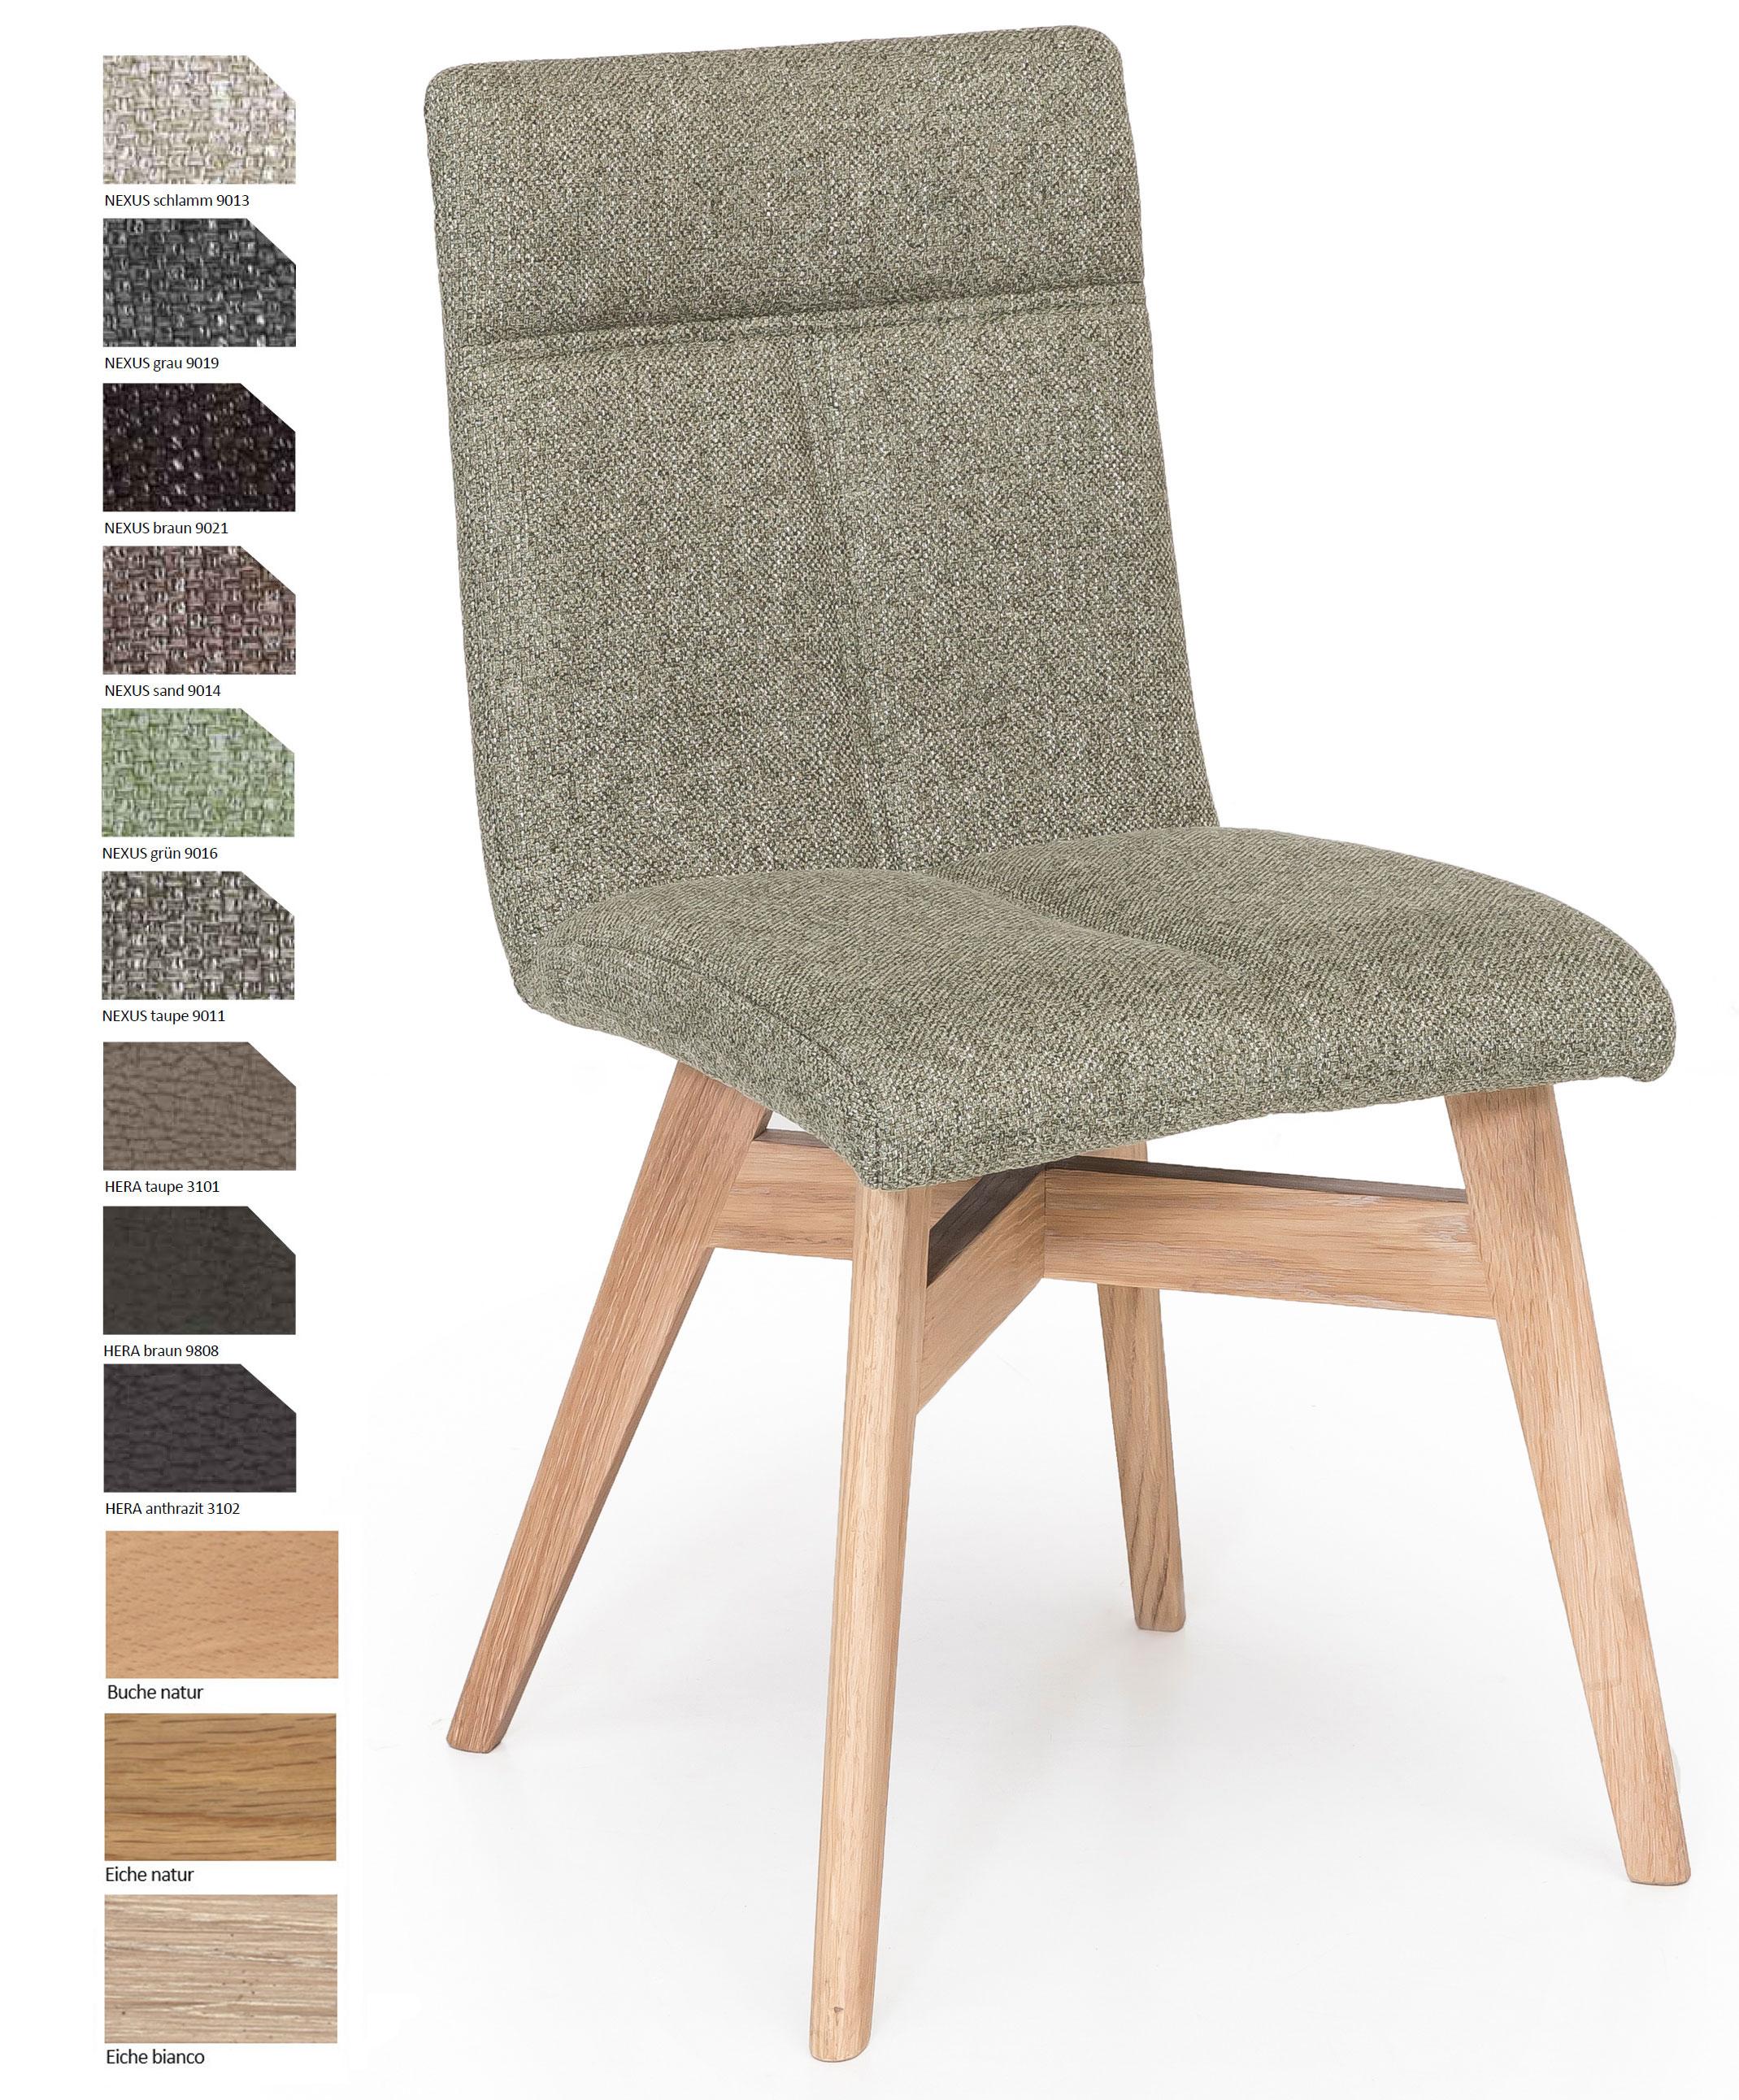 Standard Furniture Alina Polsterstuhl eiche / grau